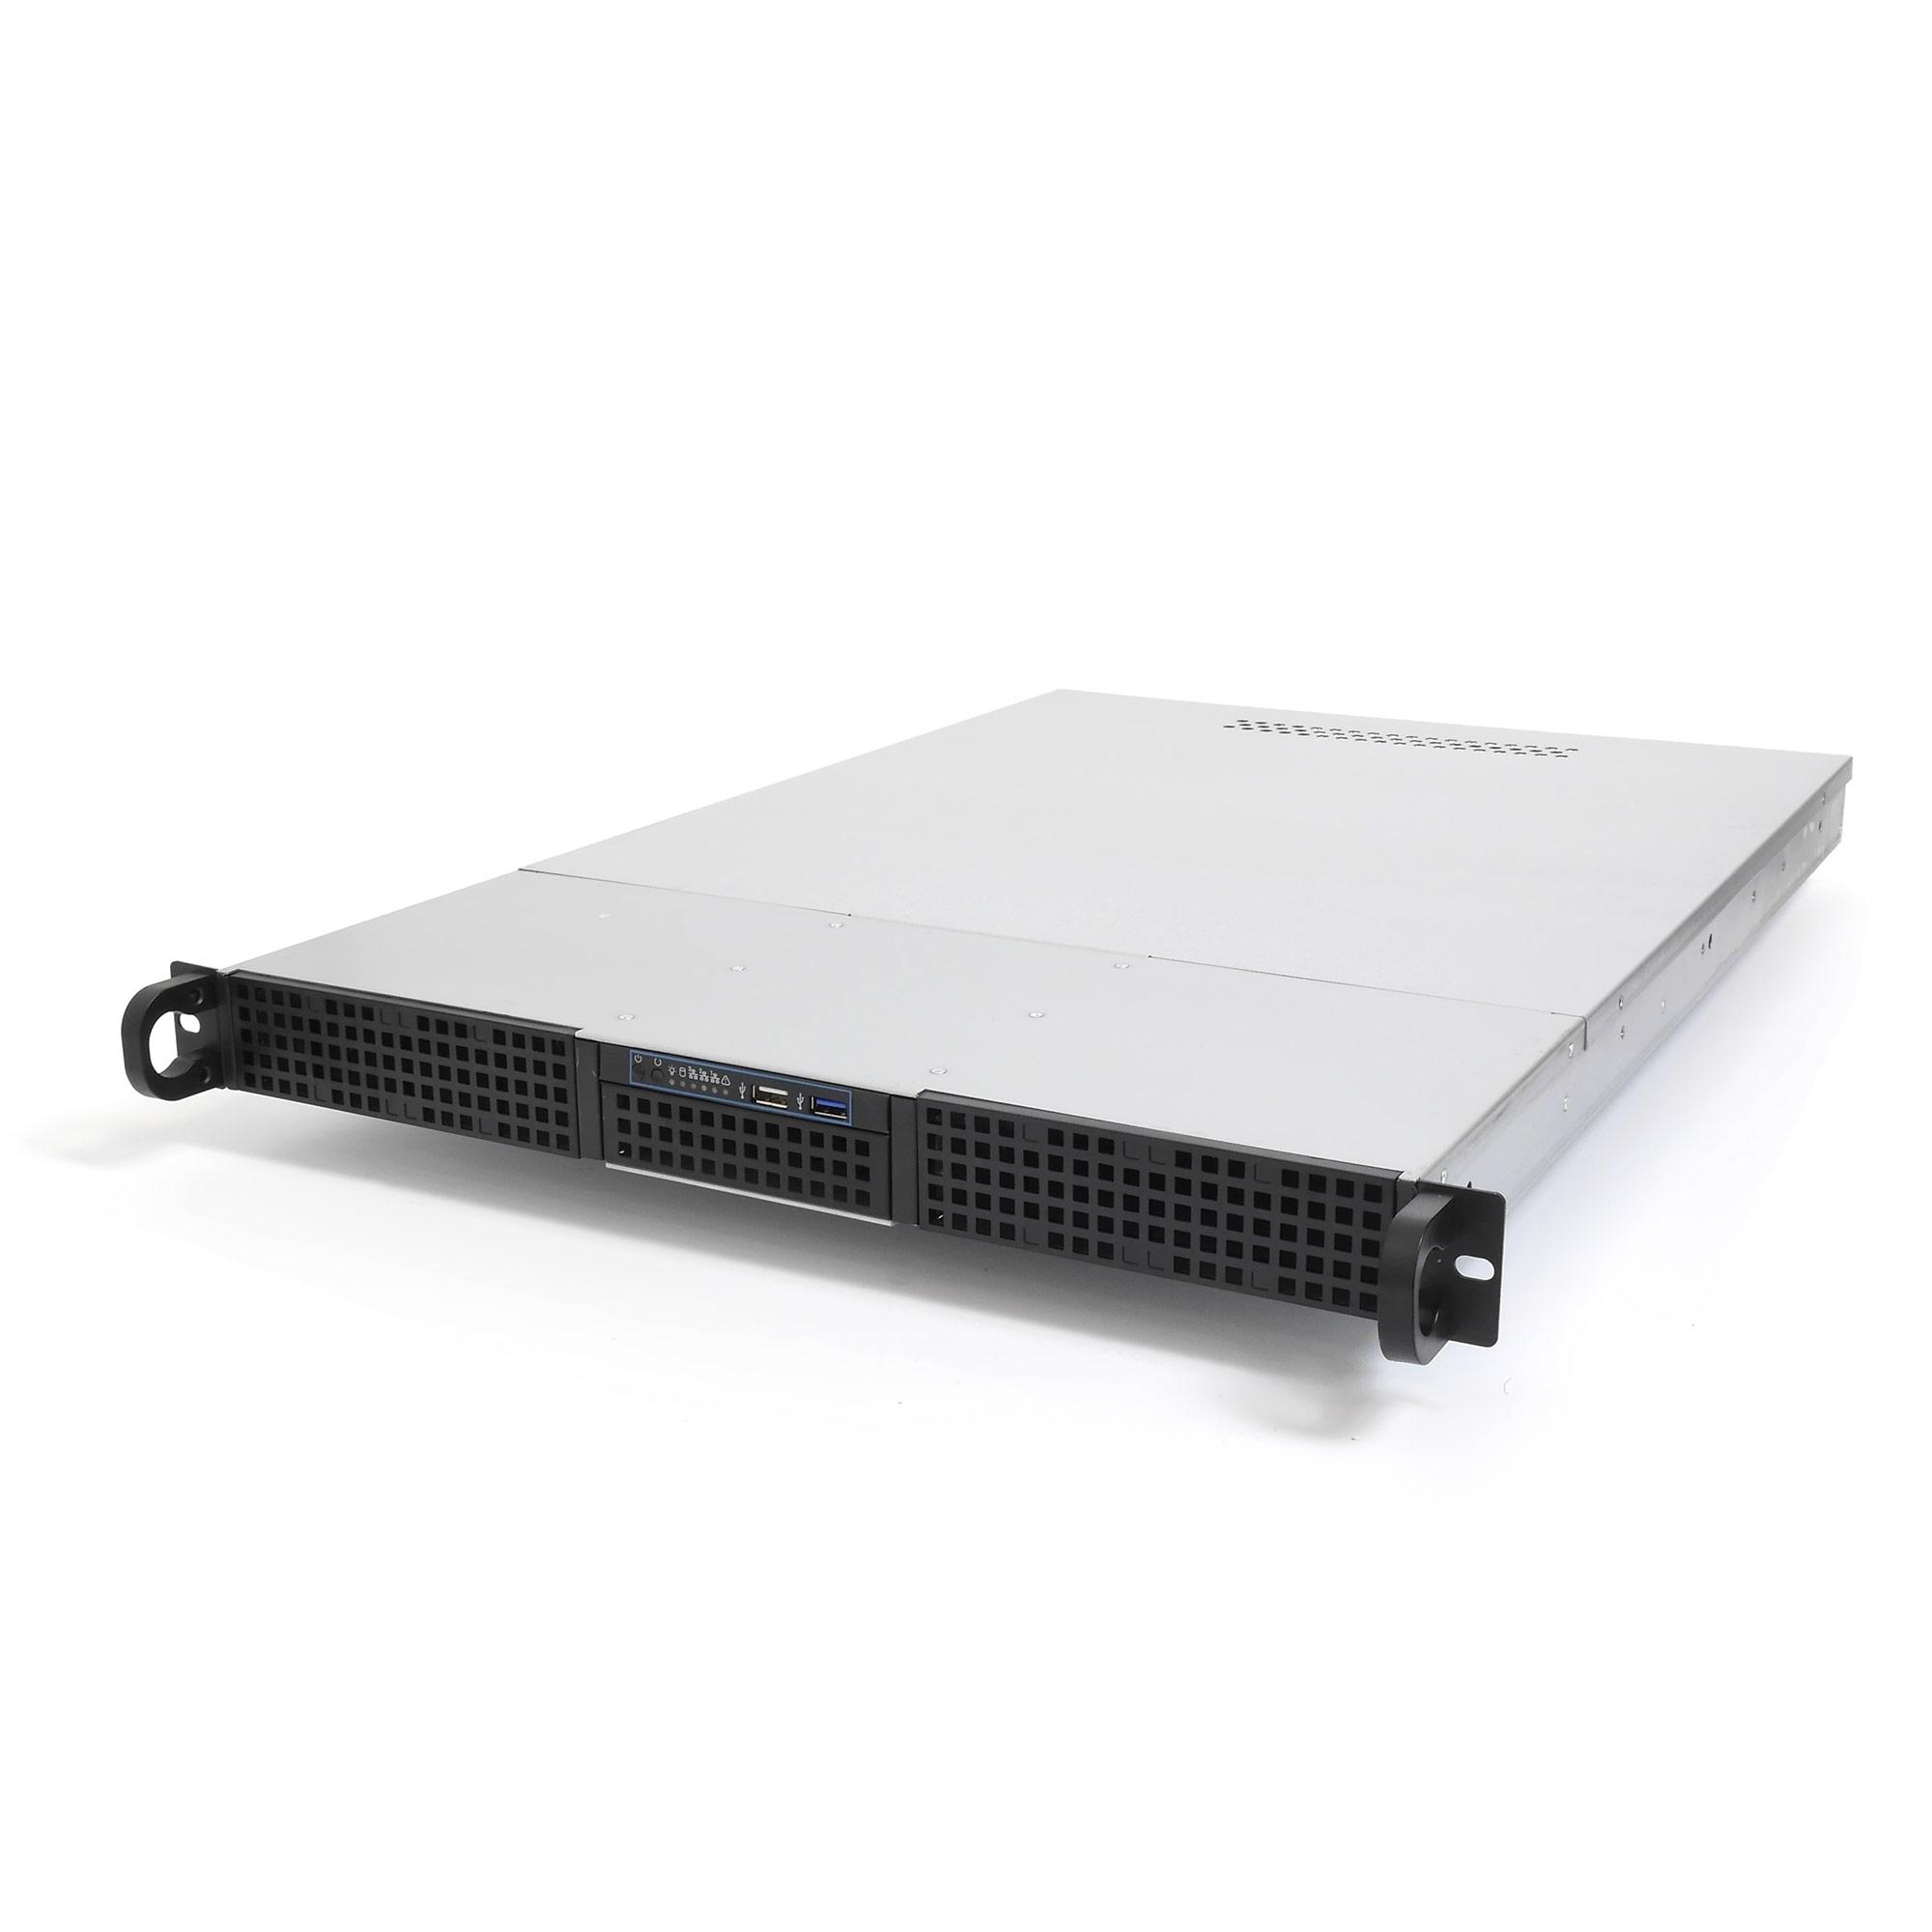 """Серверный корпус 1U NR-D165 300Вт (EATX 12x13, 2х5.25, 3x3.5""""int, 650mm), черный, NegoRack"""